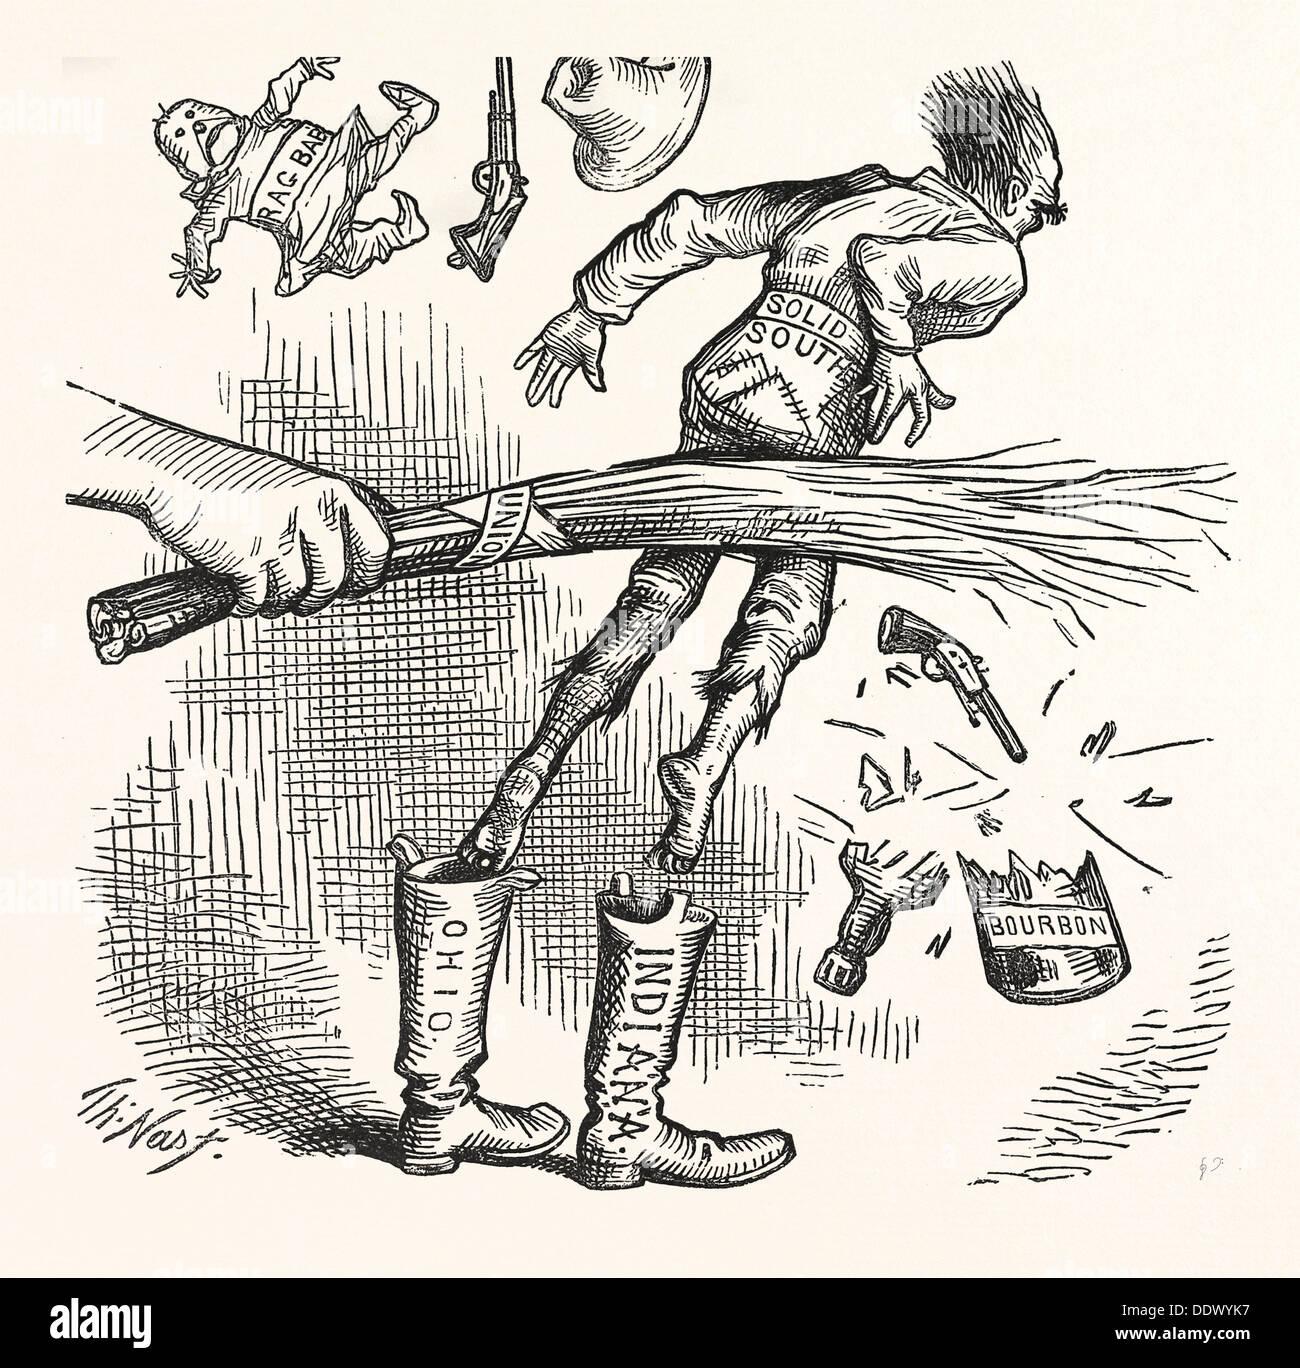 """KOMMENDEN VERANSTALTUNGEN BESETZUNG IHRE FESTEN SCHATTEN VOR IHNEN. """"Eine volle, freie Wahlen, faire Stimmenauszählung."""" Gravur von 1880, uns, USA, Amerika Stockbild"""